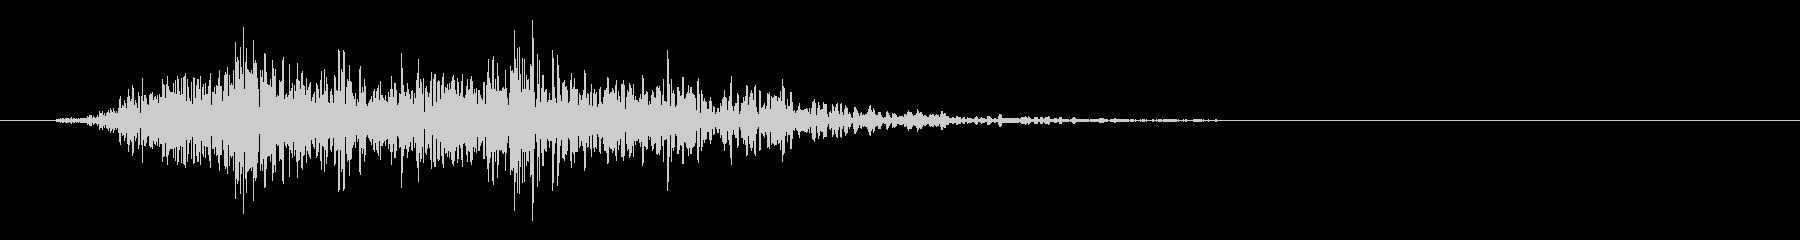 エレクトリック・フー、トランジショ...の未再生の波形